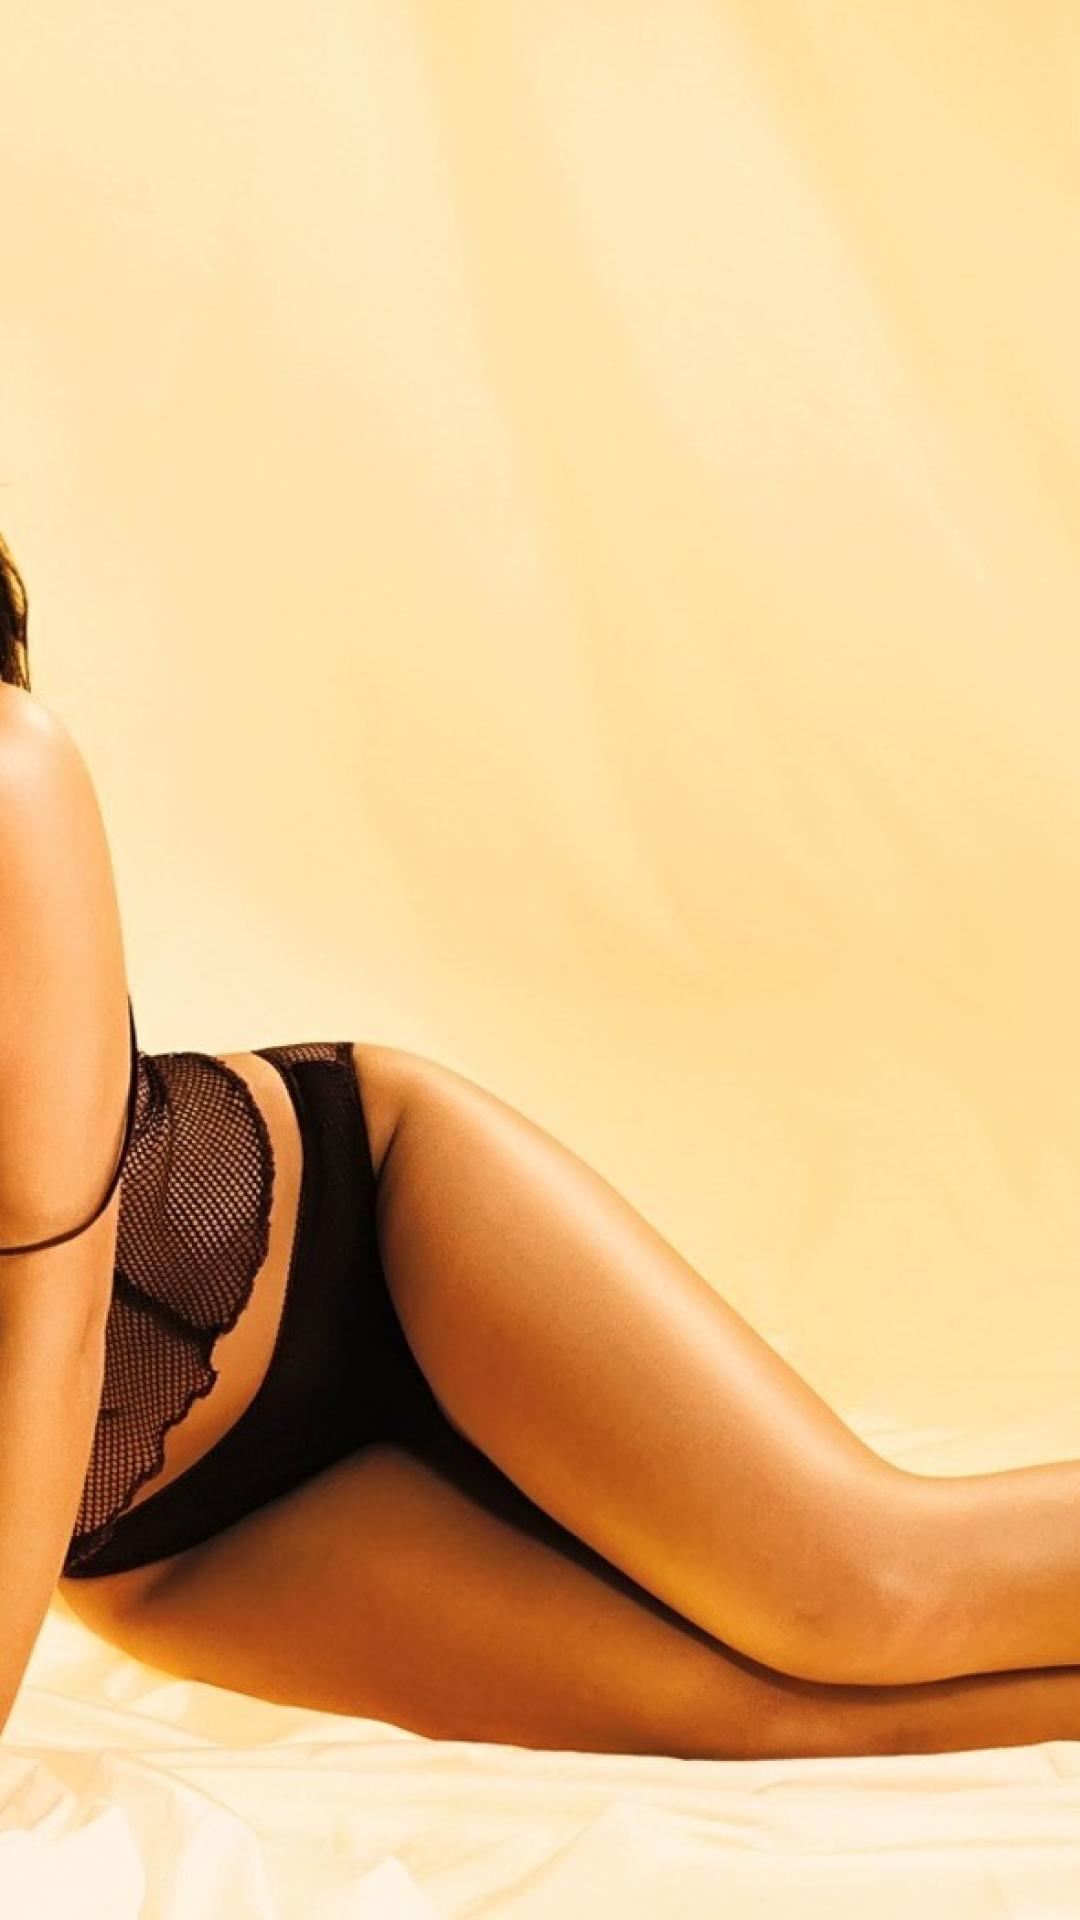 brunettes women long legs oRYW 1080x1920